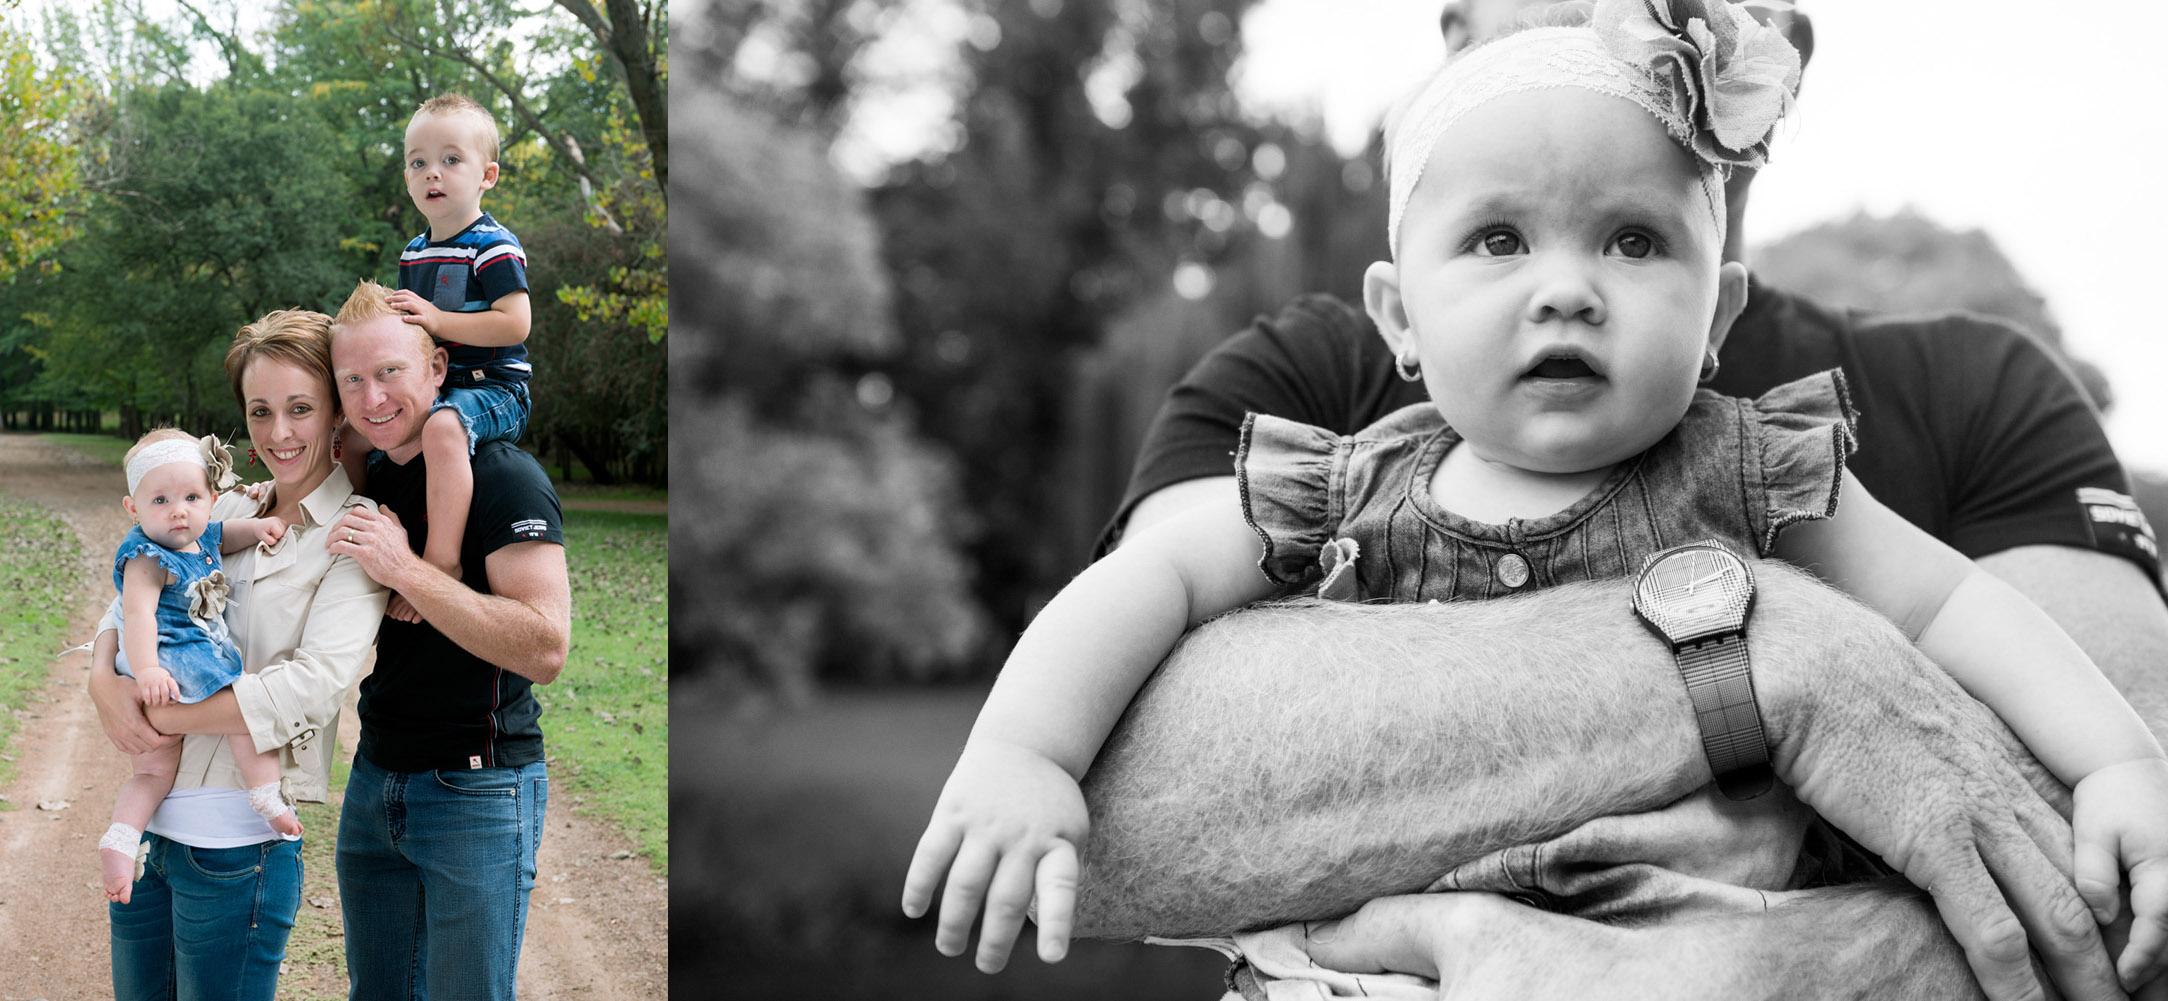 CBPphoto-2234-Edit.jpg